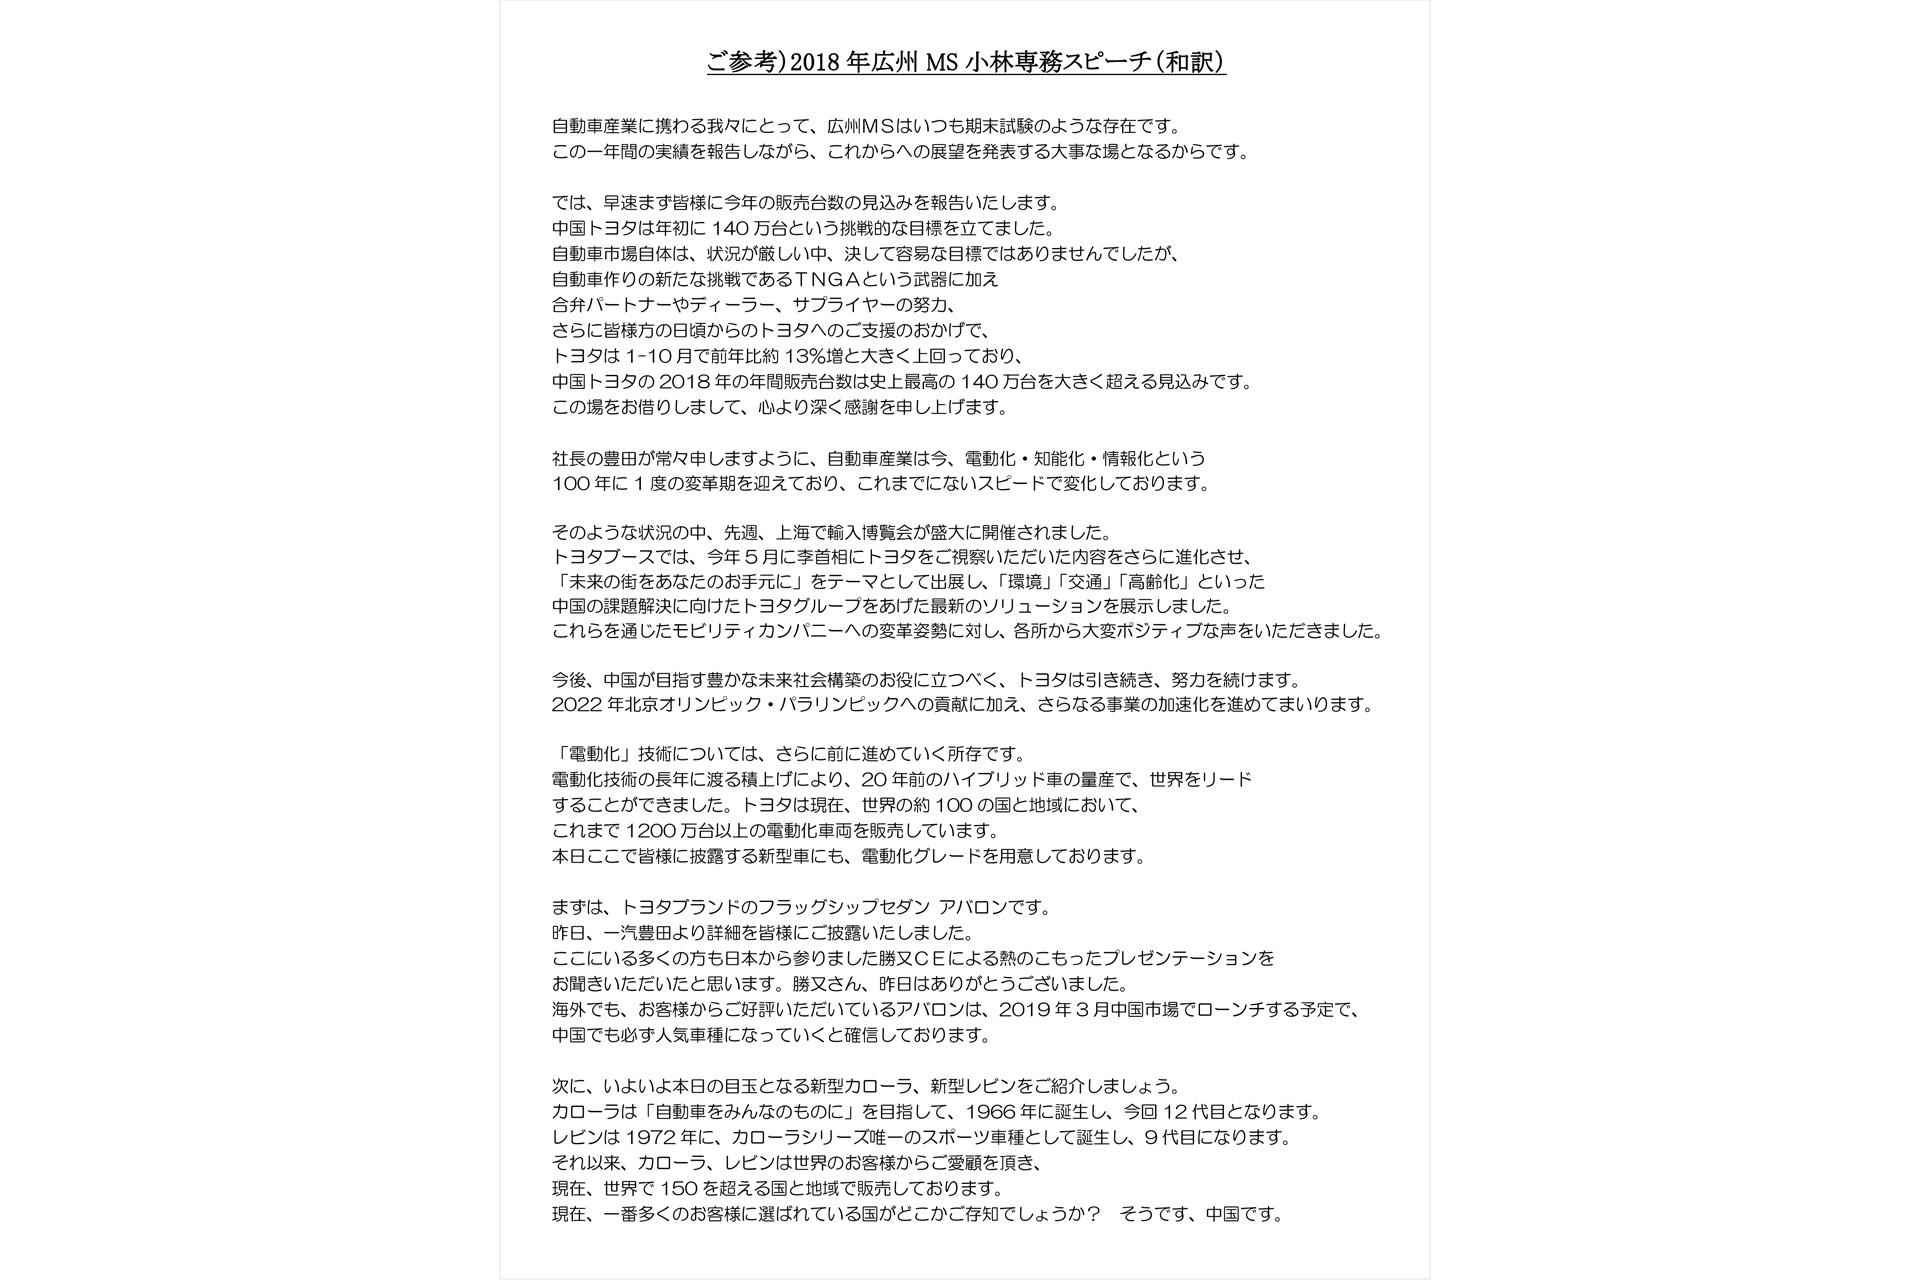 2018年 広州MS 小林専務スピーチ(和訳)